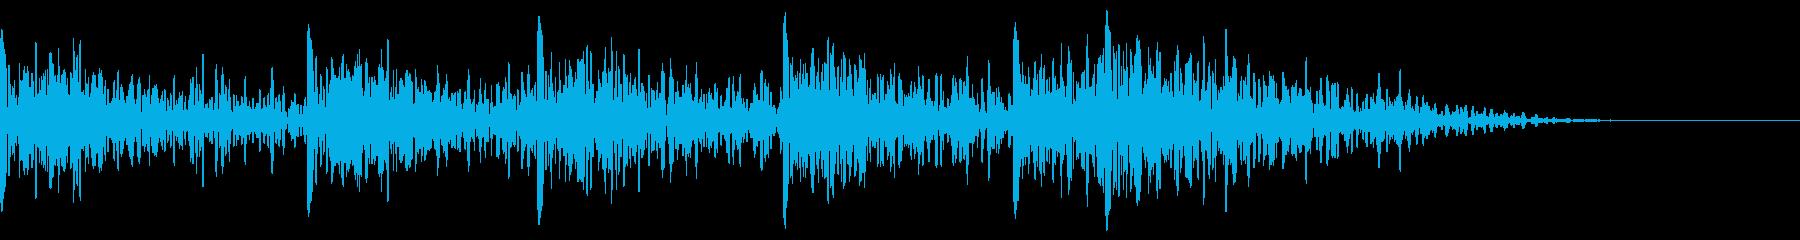 アニメにありそうな背景音(爆発音)の再生済みの波形